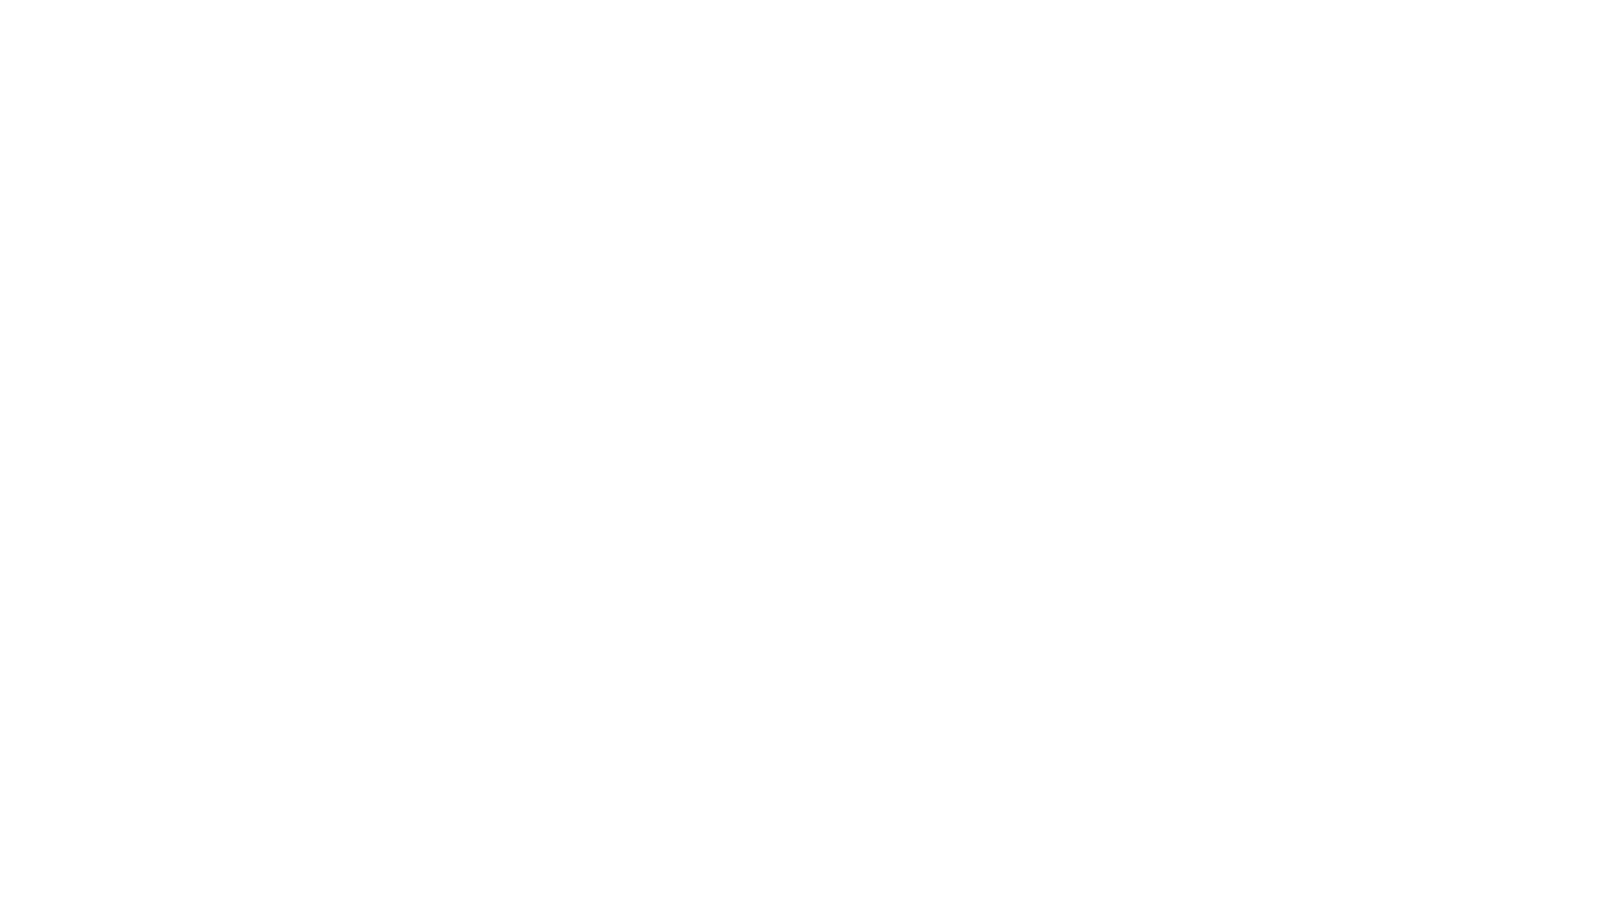 こんにちは!ピアニストの砂辺絢斗です。いつもご視聴ありがとうございます。  「展覧会の絵」ランチタイムコンサートVol.5 Piano:砂辺絢斗 Ayato sunabe   Program ムソルグスキー/組曲「展覧会の絵」  レッスン、演奏依頼はサイトのお問い合わせ、もしくはTwitterのDMよりお願い致します。     砂辺絢斗 Official Site  https://ayatosunabe.com     Twitter  https://twitter.com/AyatoSunabe